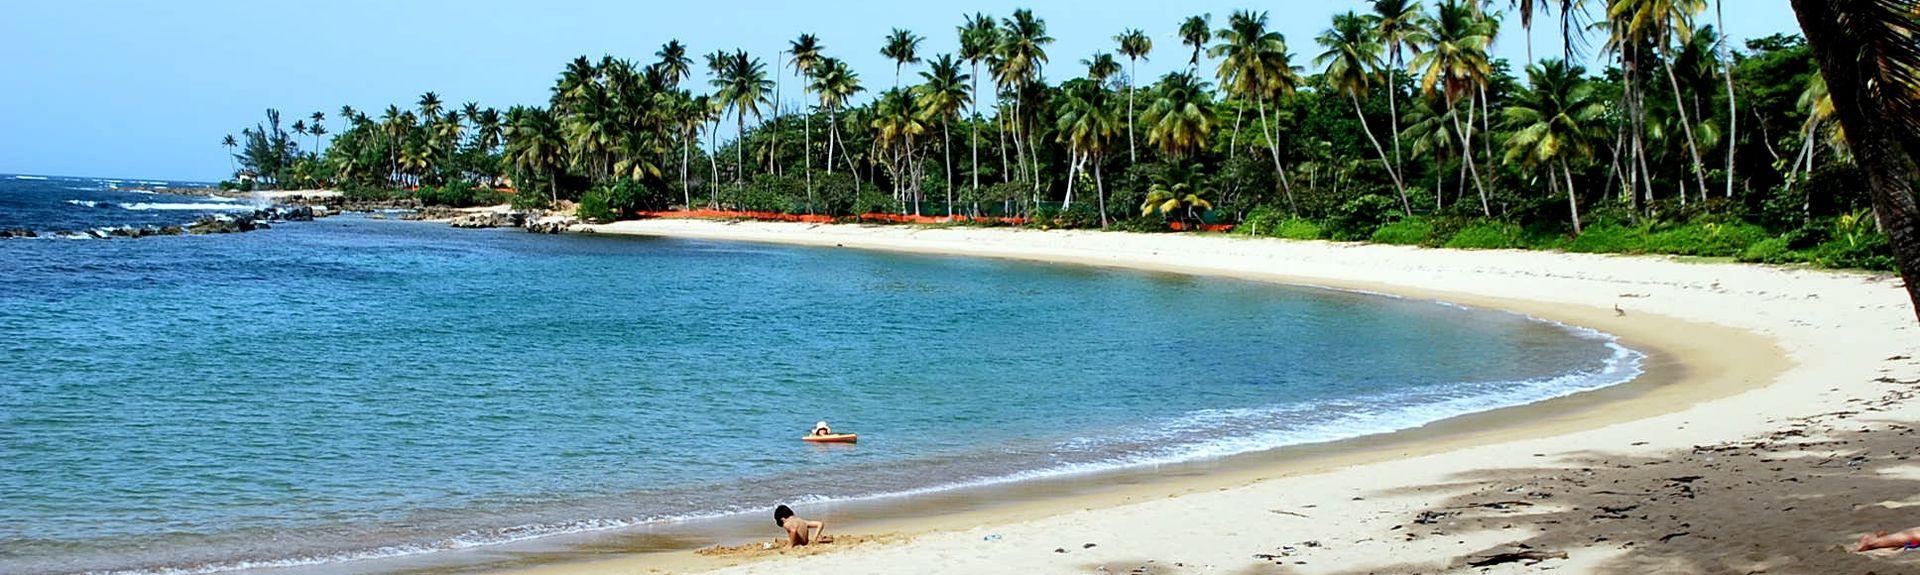 Dorado del Mar, Dorado, Dorado, Porto Rico